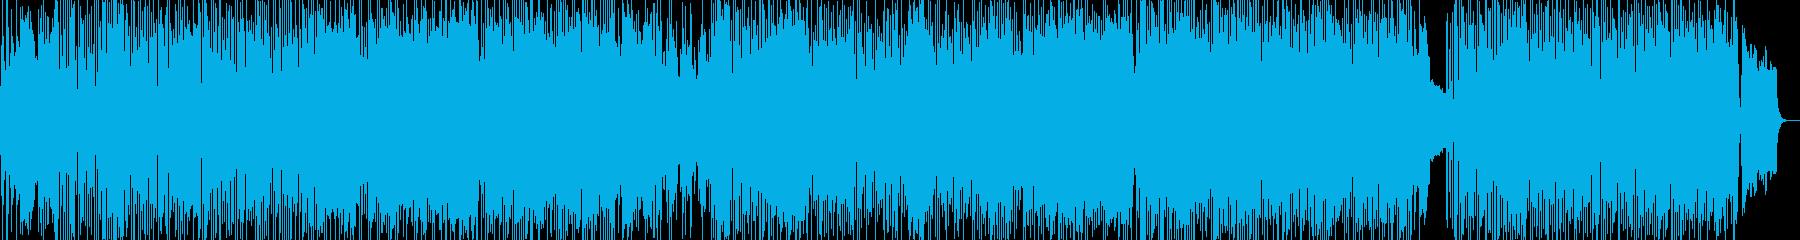 ポジティブ全開のミディアムポップの再生済みの波形